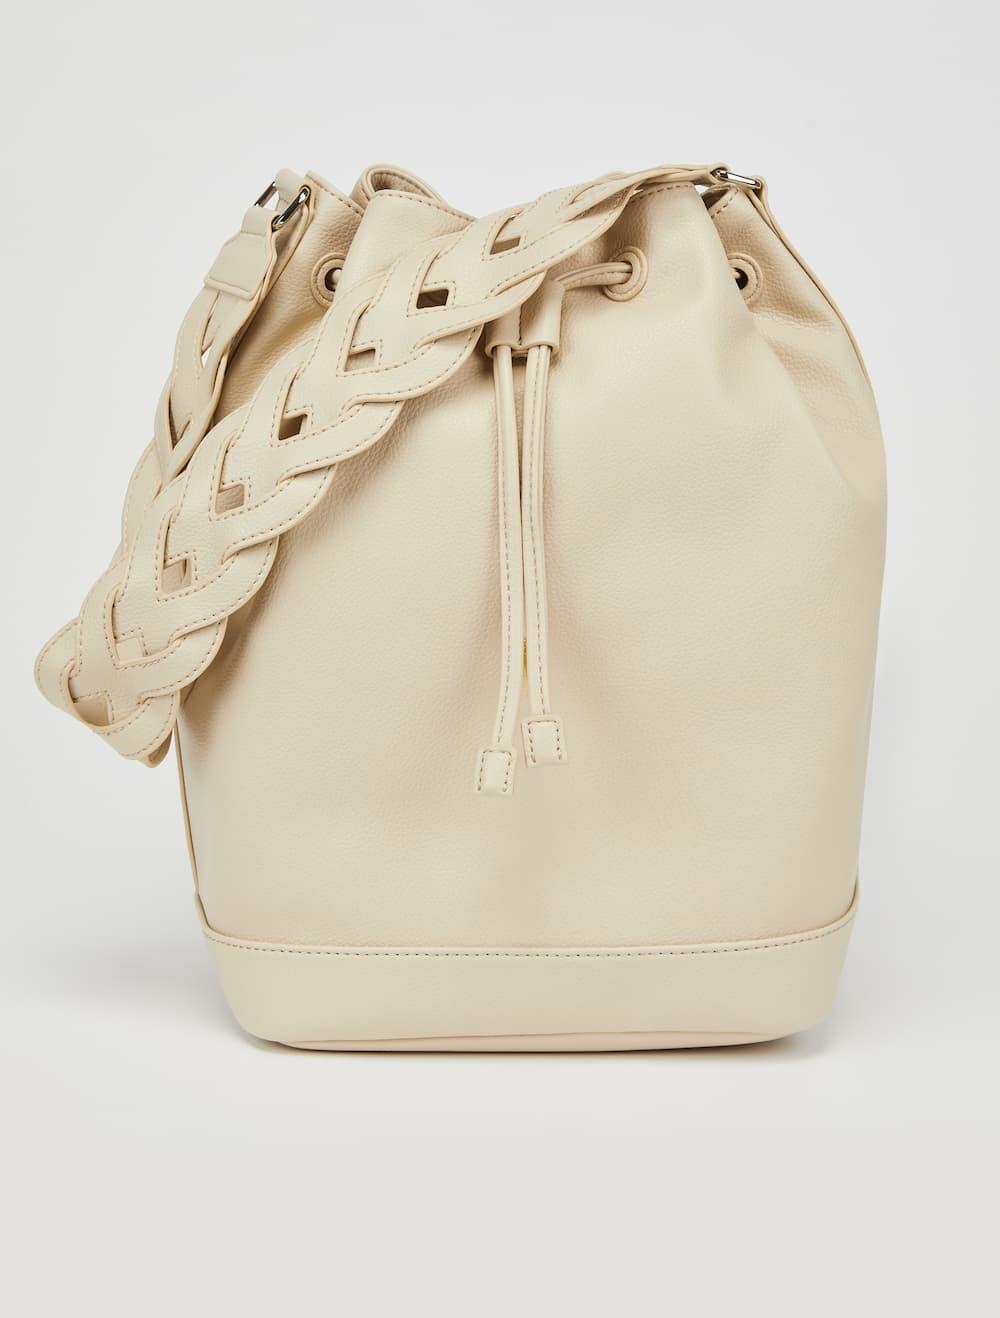 Bucket Bag  34,000円(税抜)/MAX&Co.(マックス アンド コー)